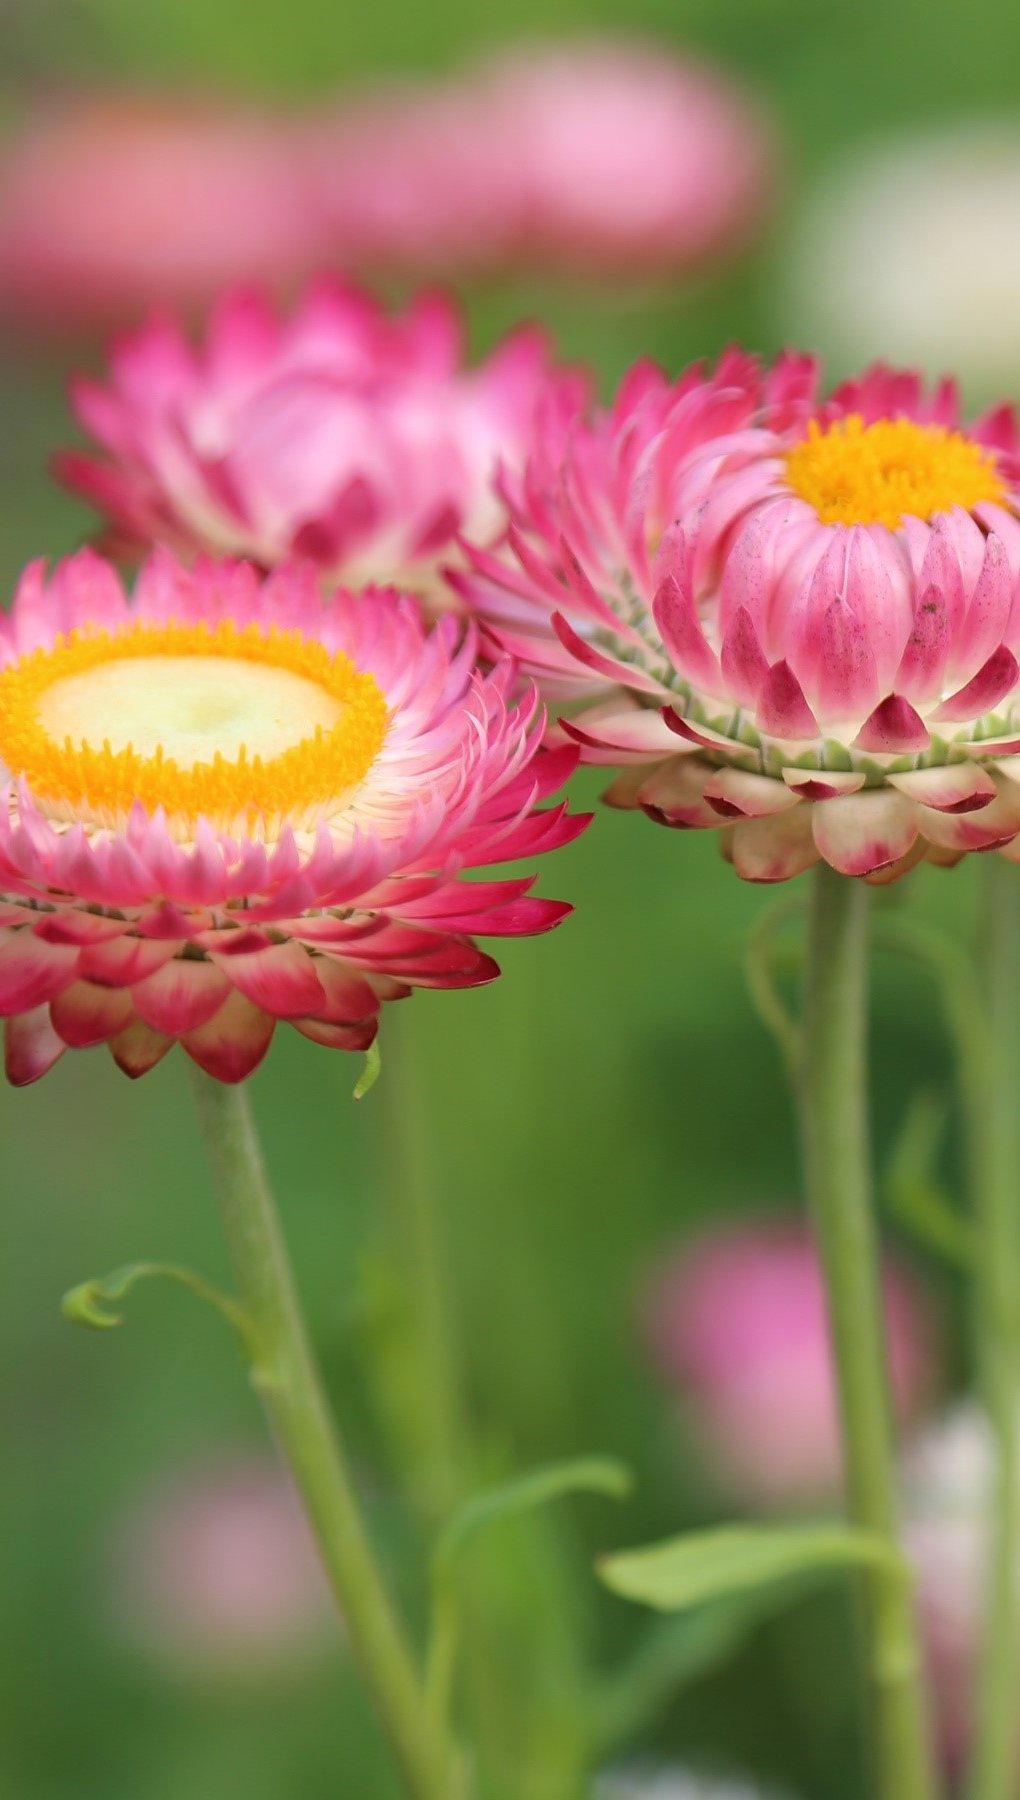 Fondos de pantalla Flores en un prado Vertical